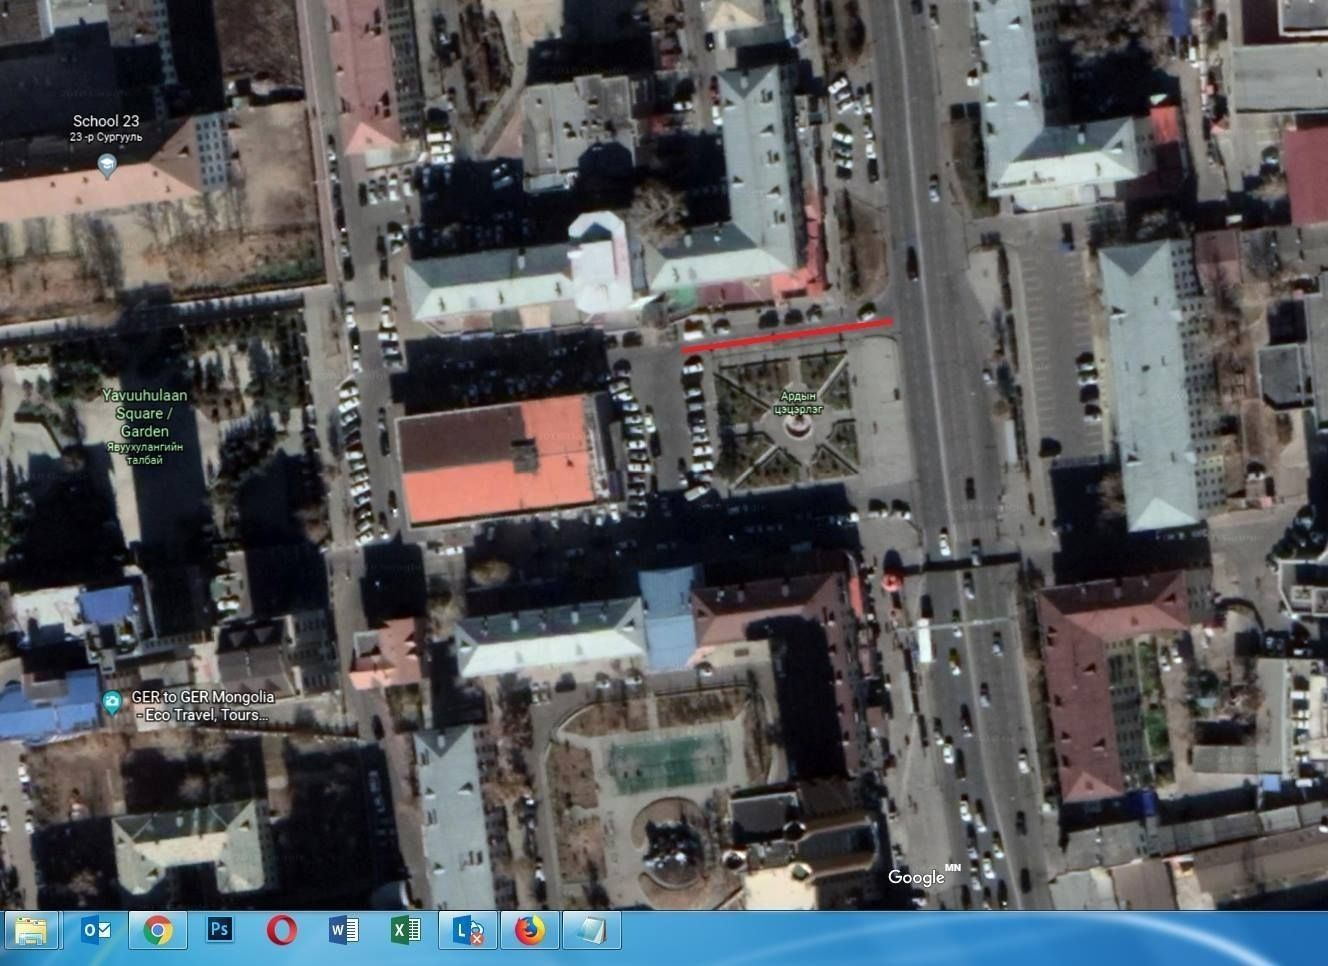 acce49_ard_x974 Урт цагааны урд талын замыг хаана